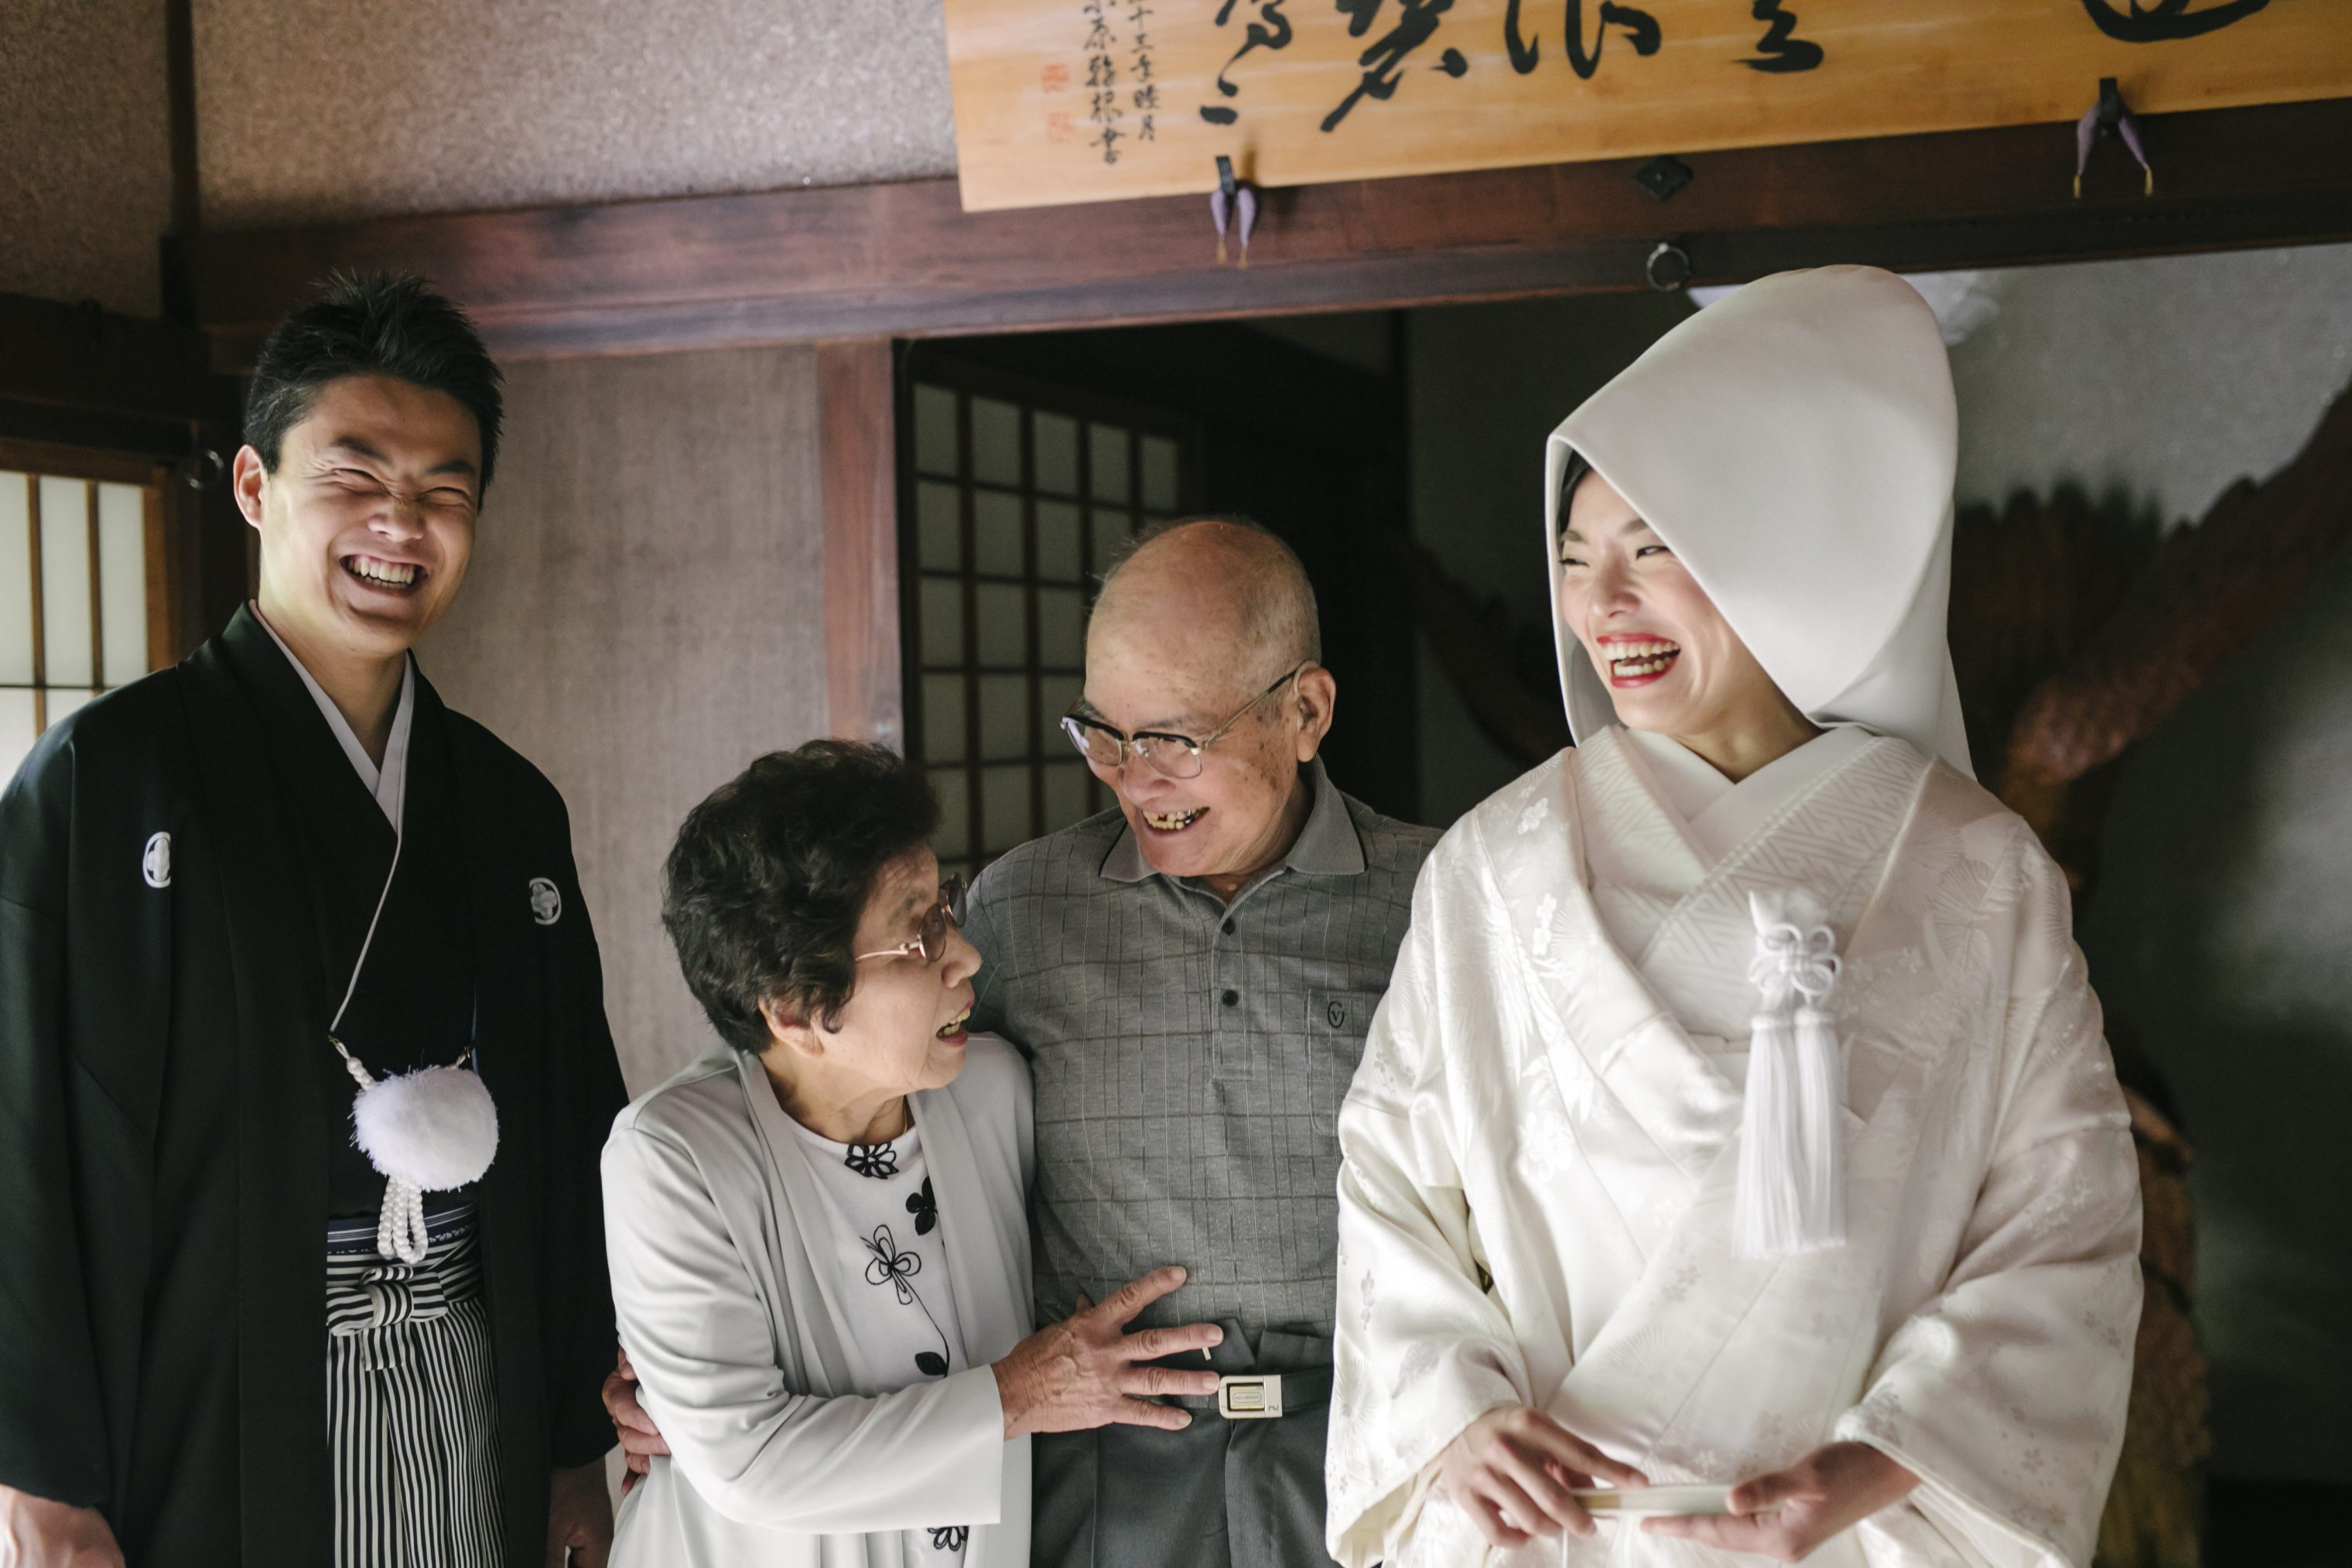 家族と未来の自分達に結婚式を贈りませんか?新PLAN「絆を深める宿泊型の結婚式」